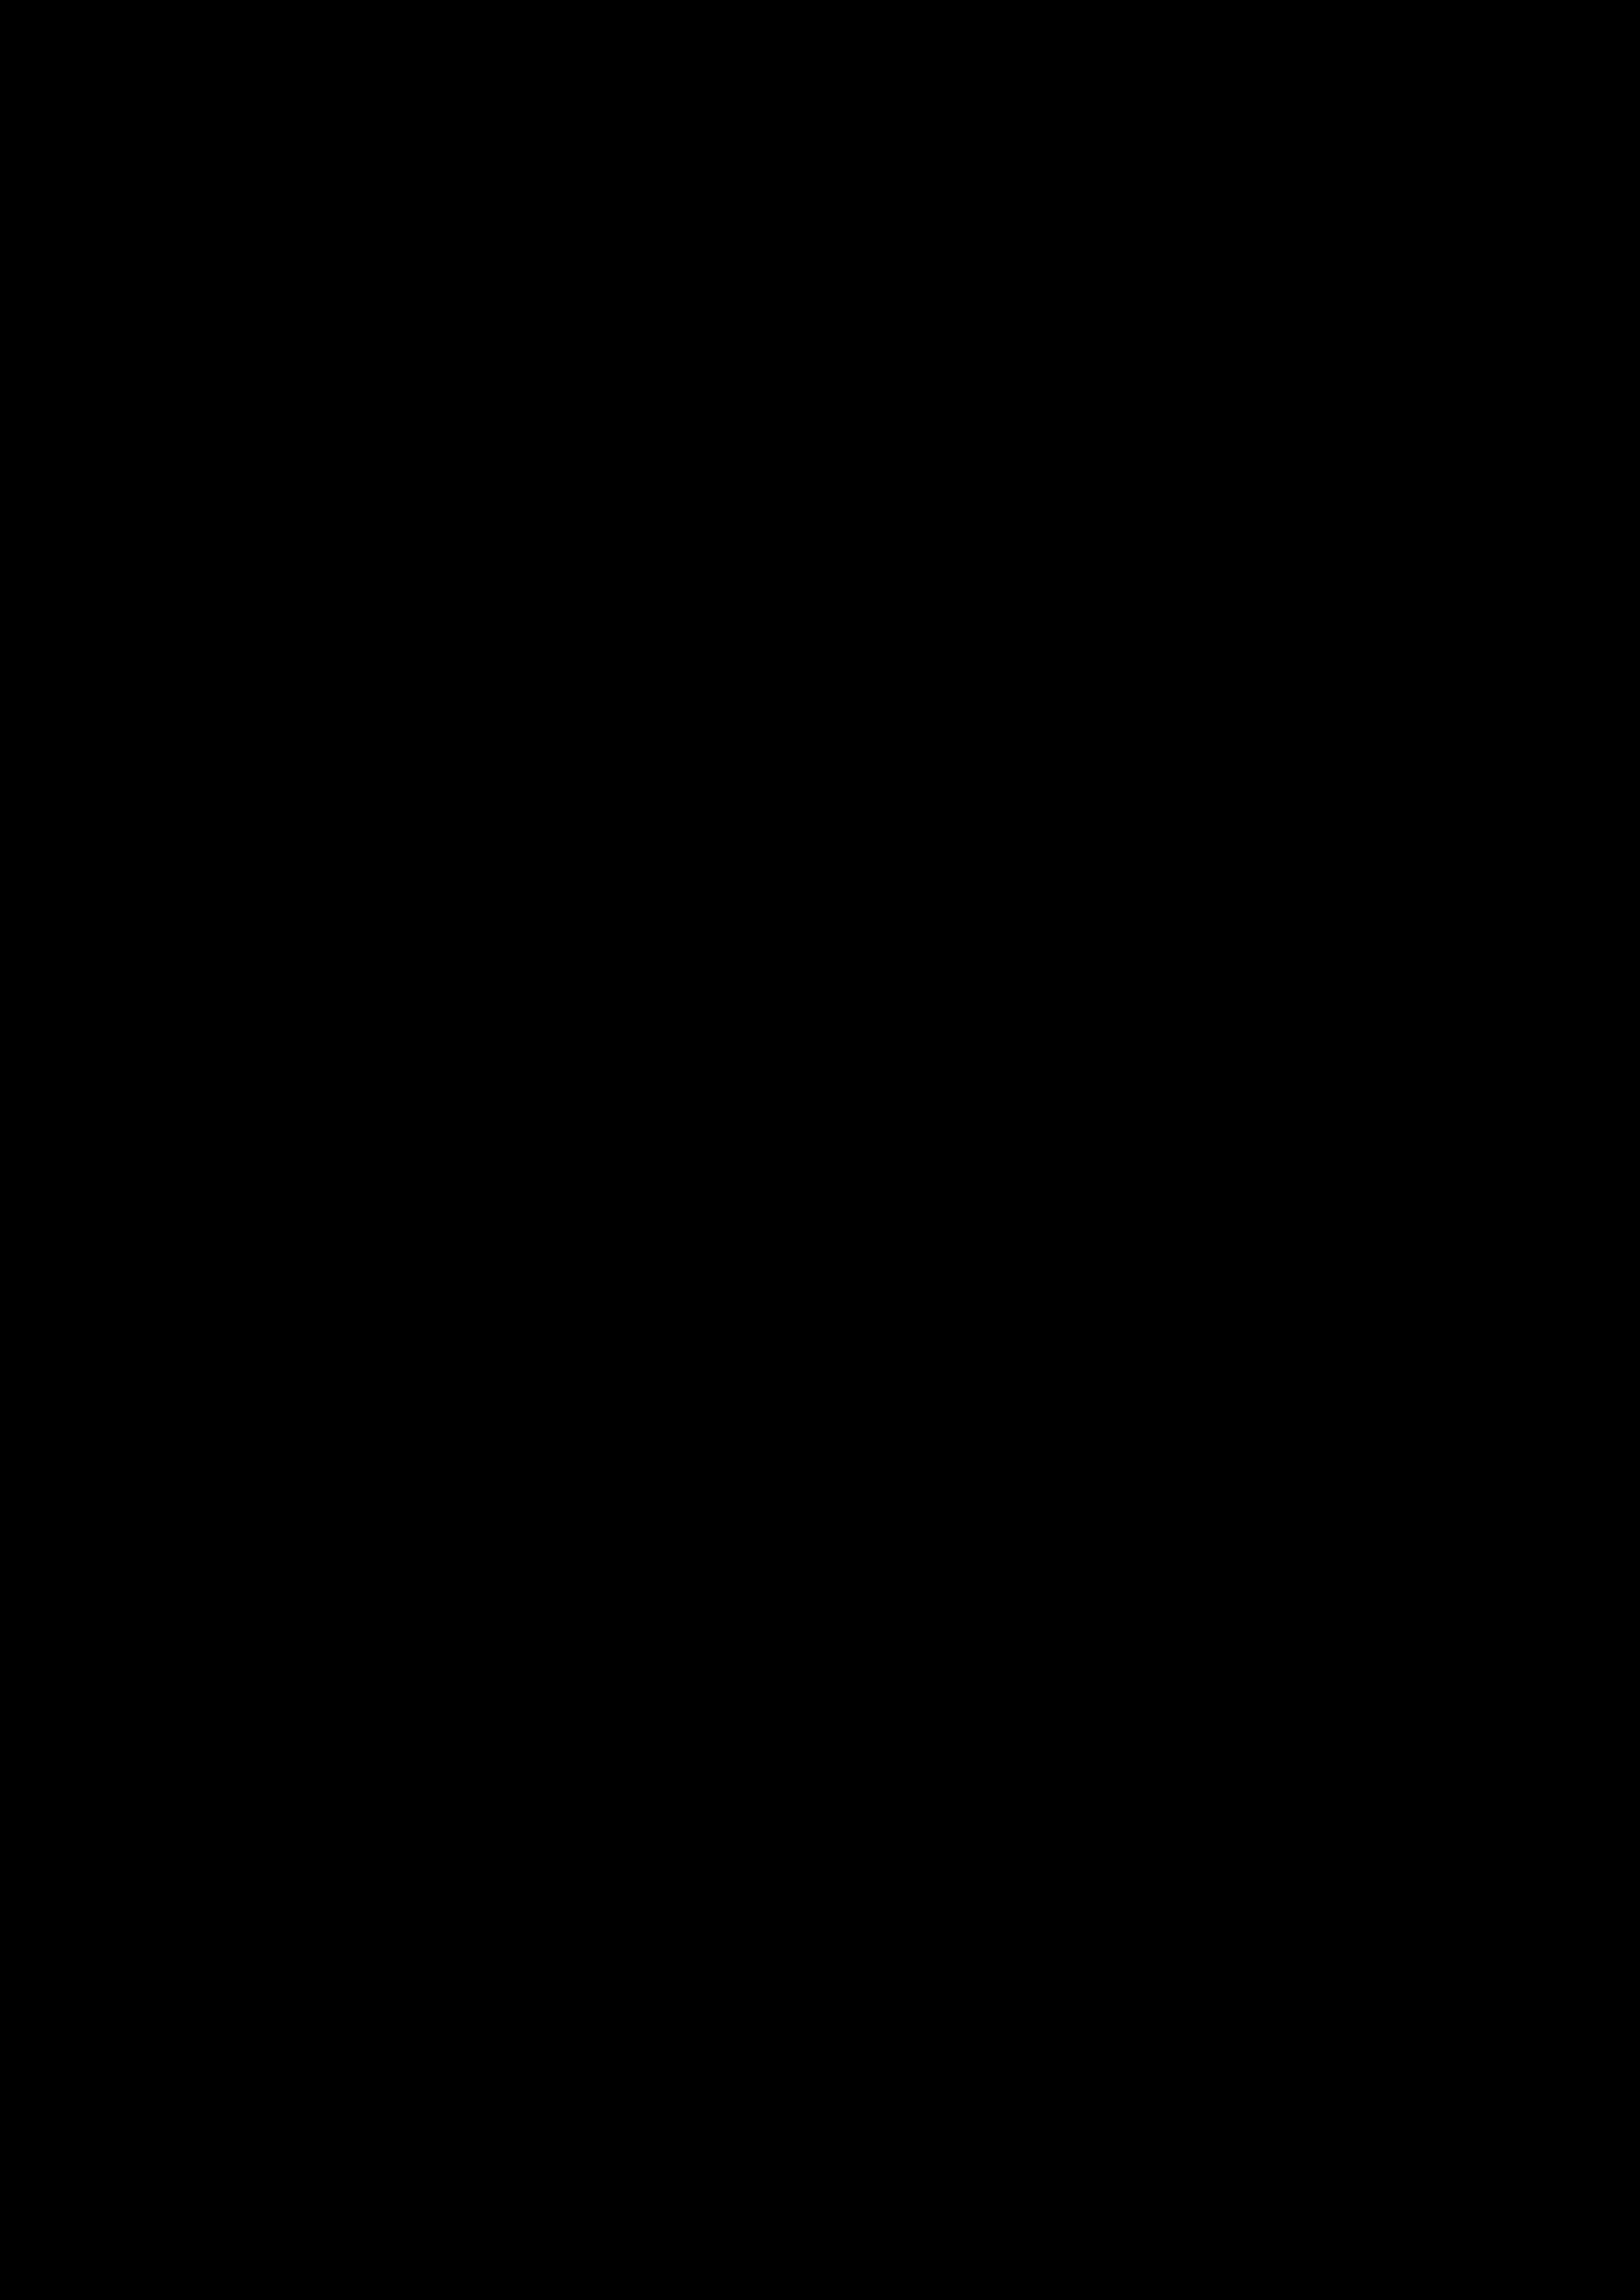 Delfina B2 Poster